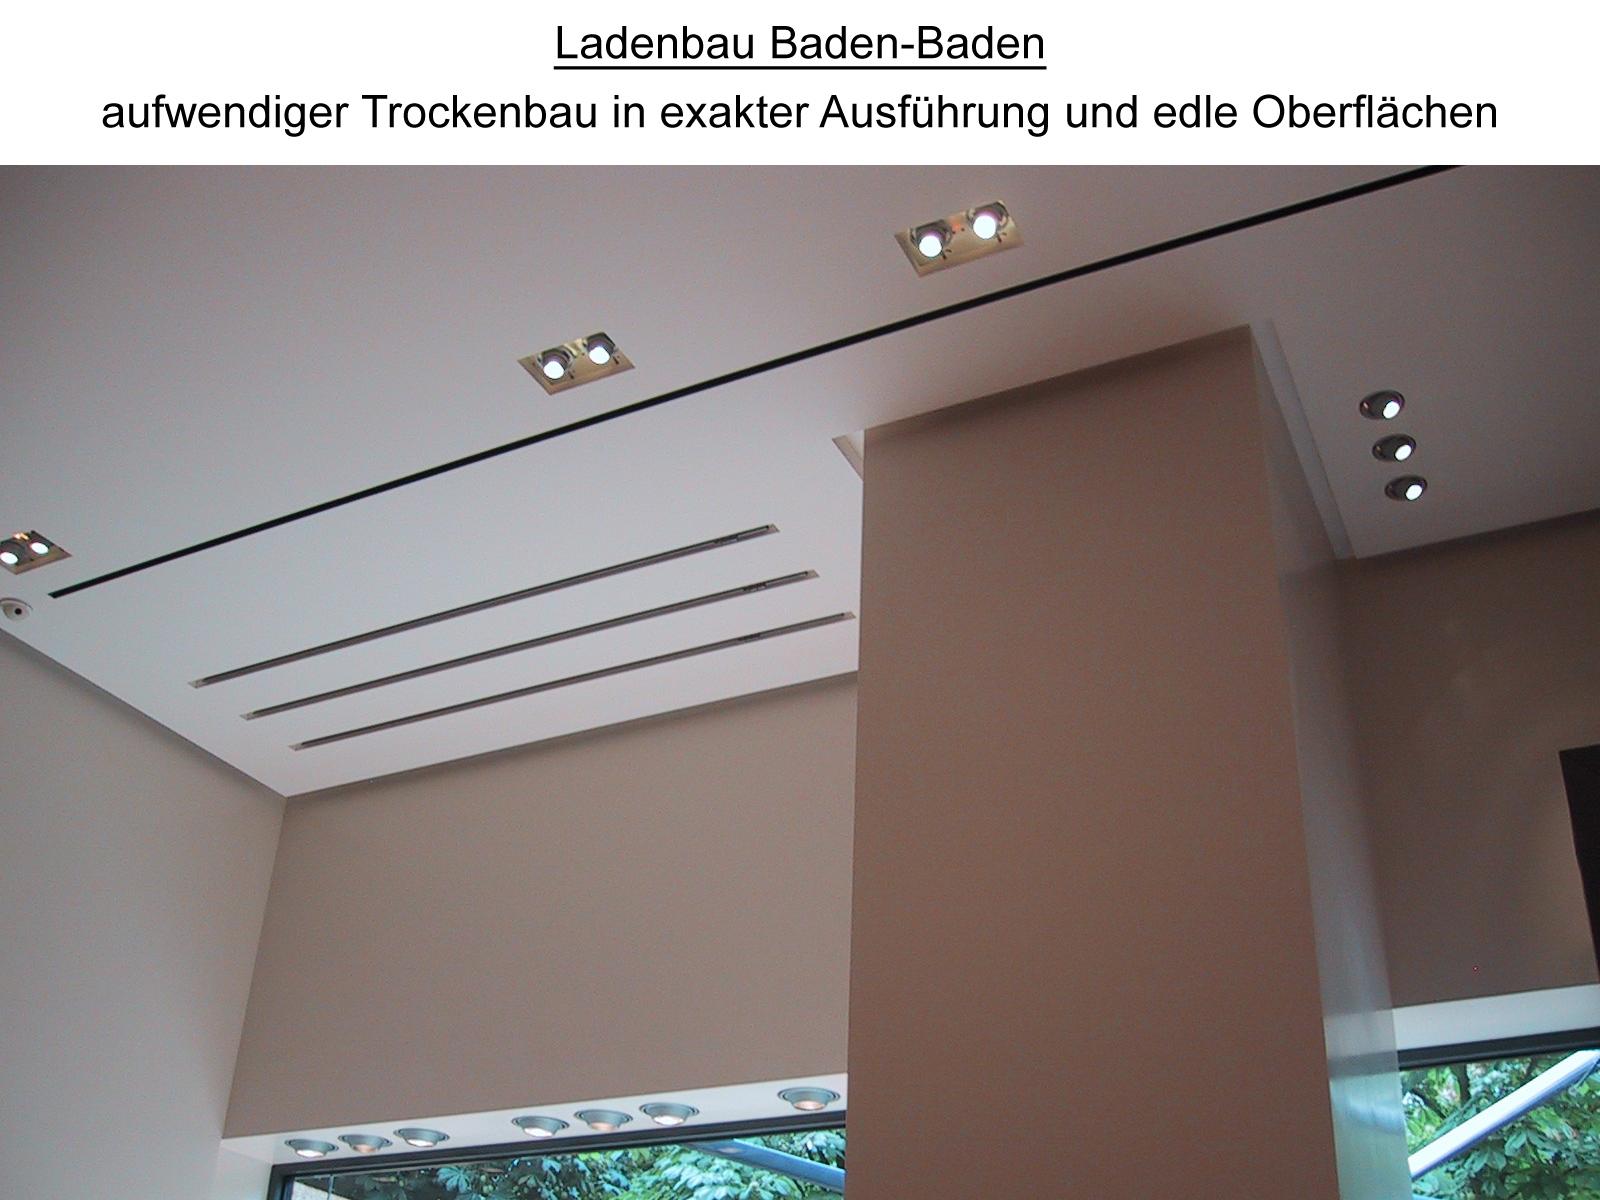 ladenbau_baden